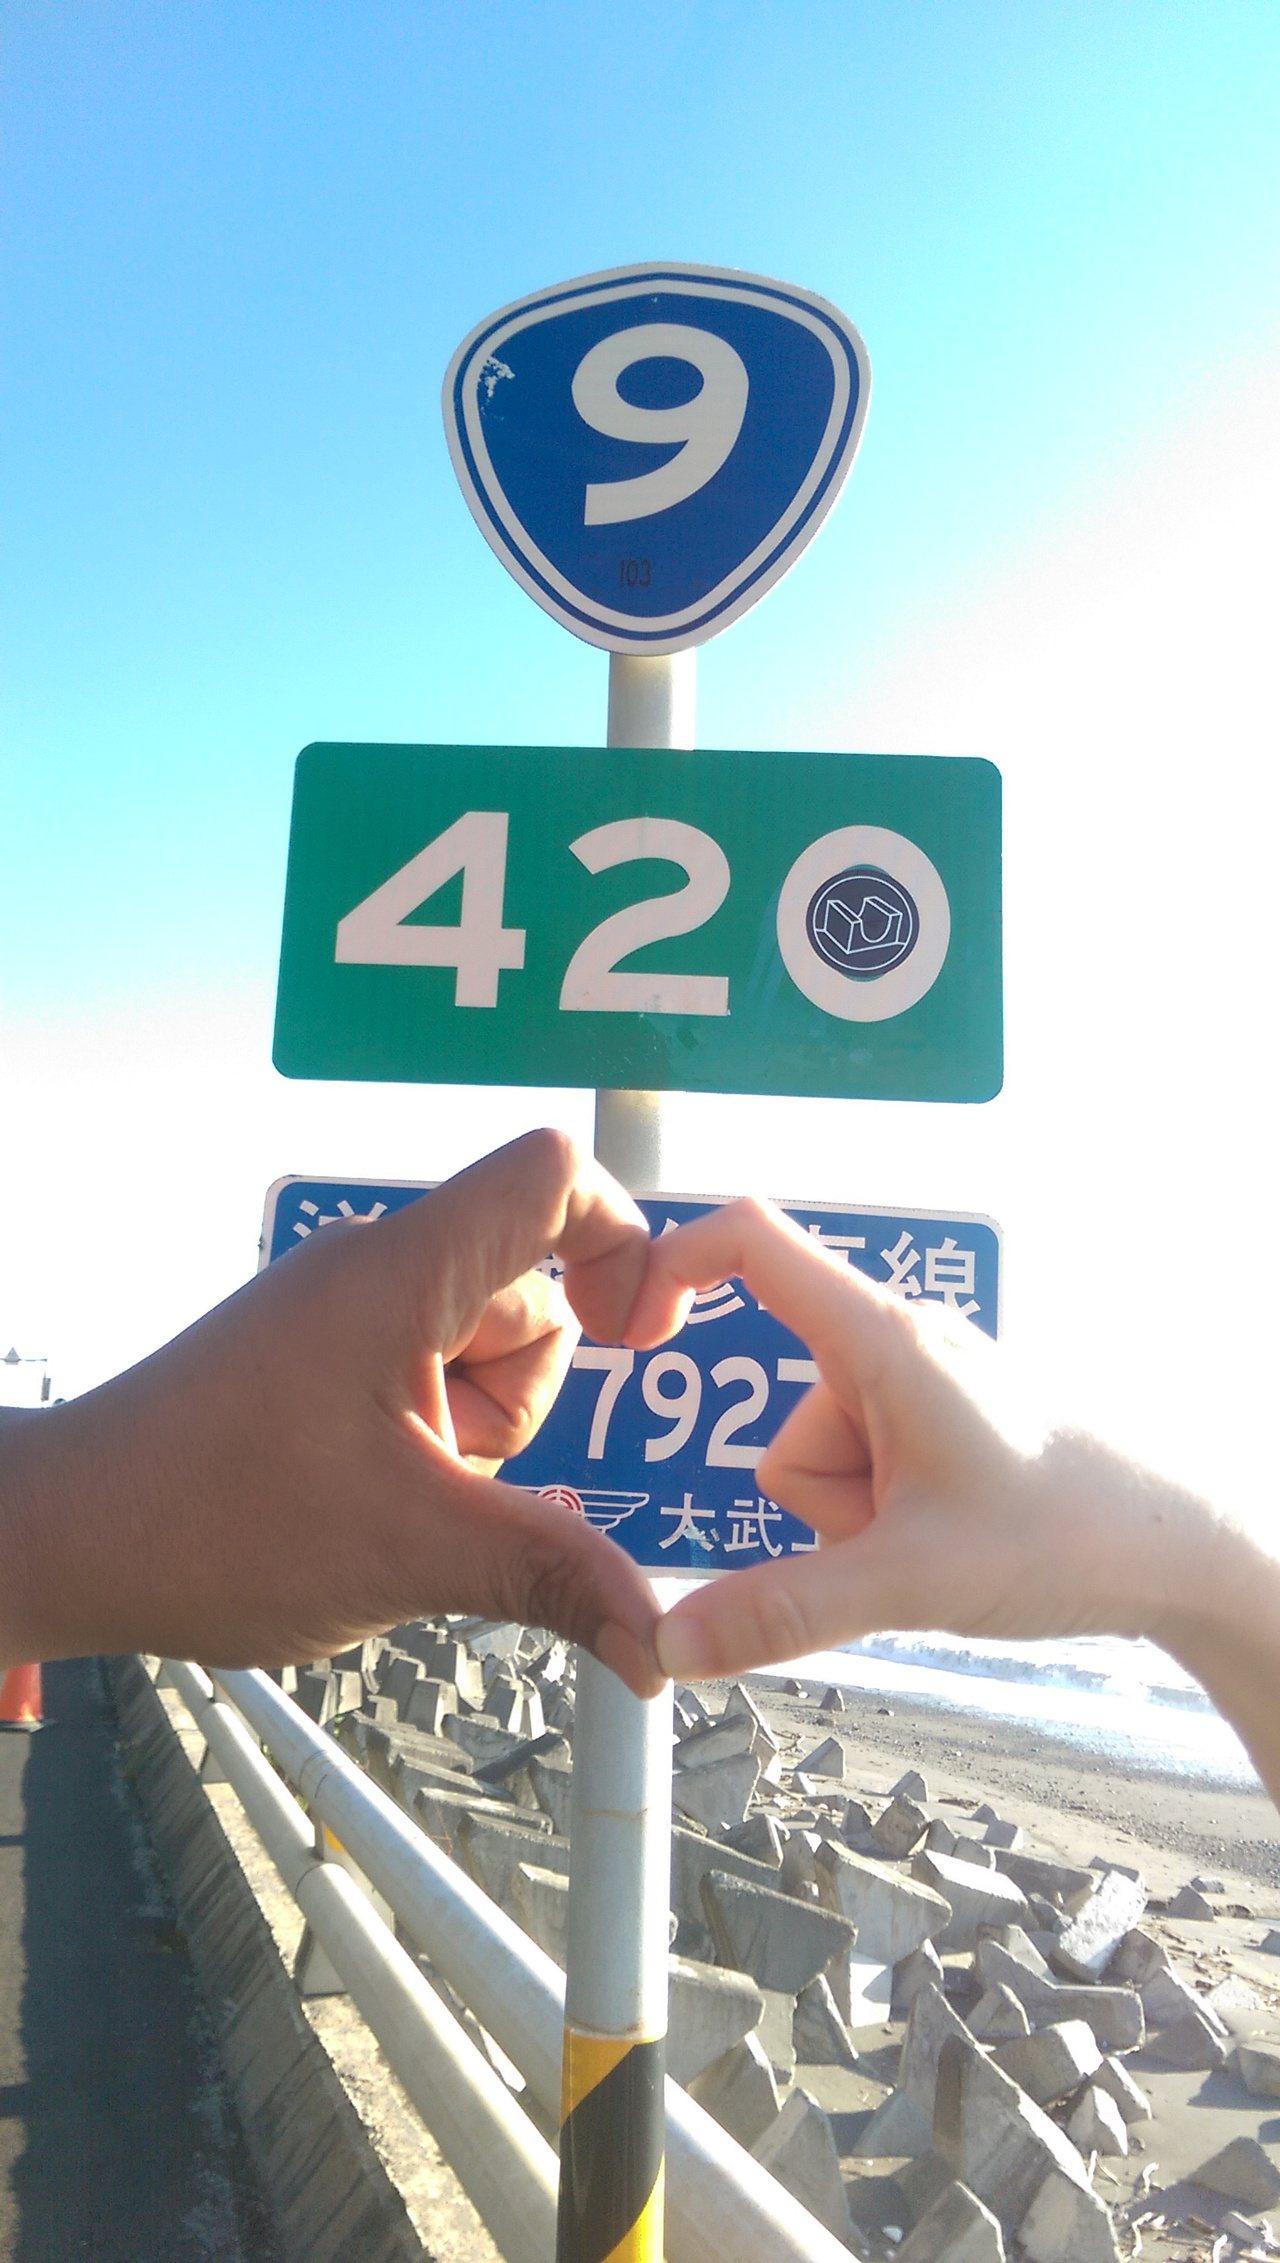 「9420(就是愛你)」,是南迴公路最紅的「數字語言」。記者尤聰光/攝影